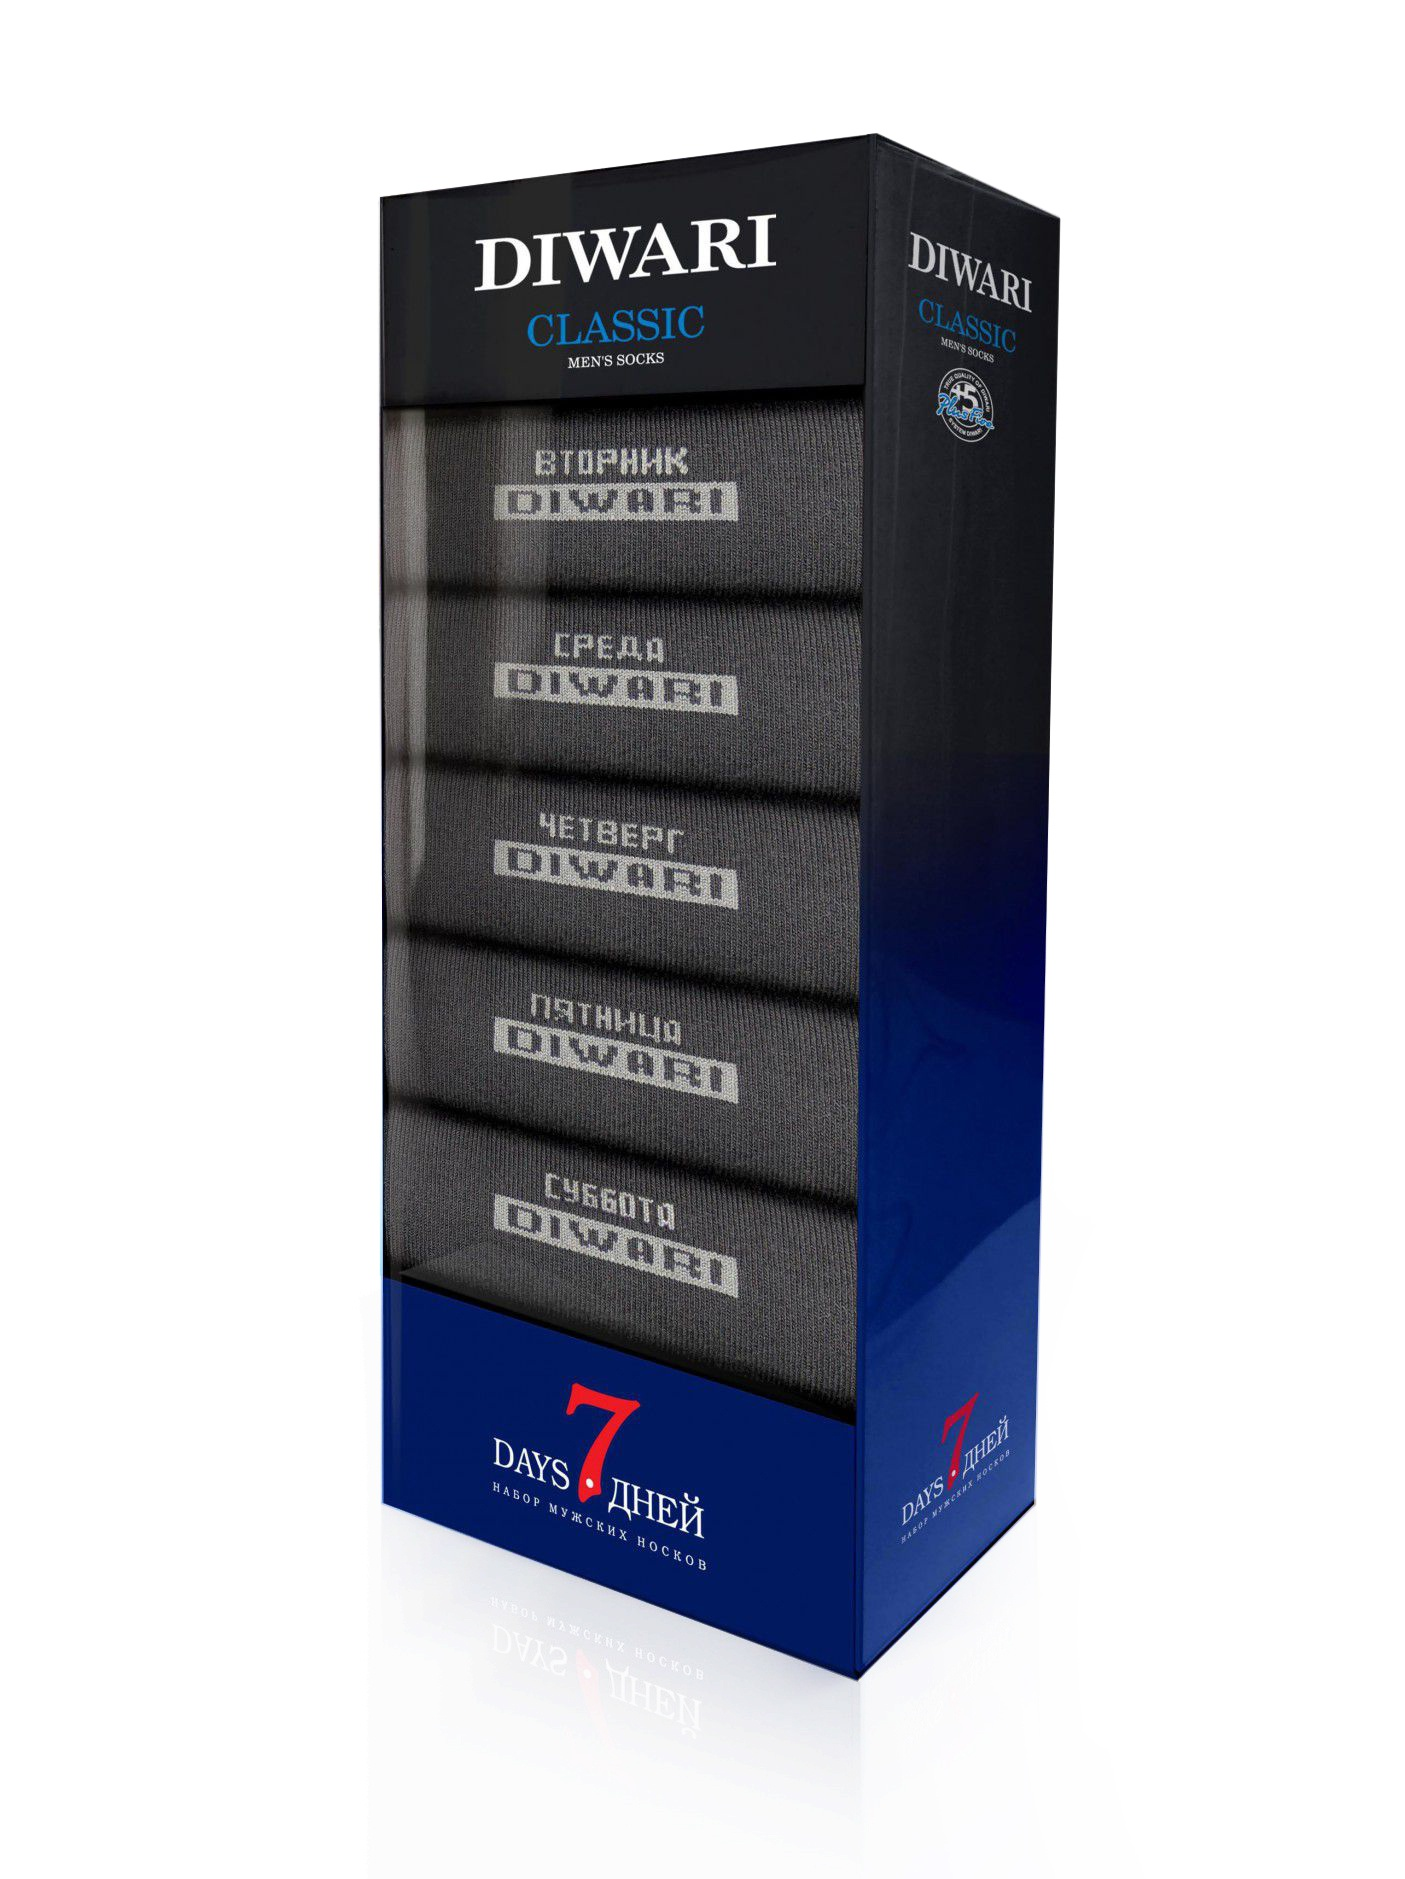 Комплект носков DiWaRi комплект из 5 пар однотонных носков